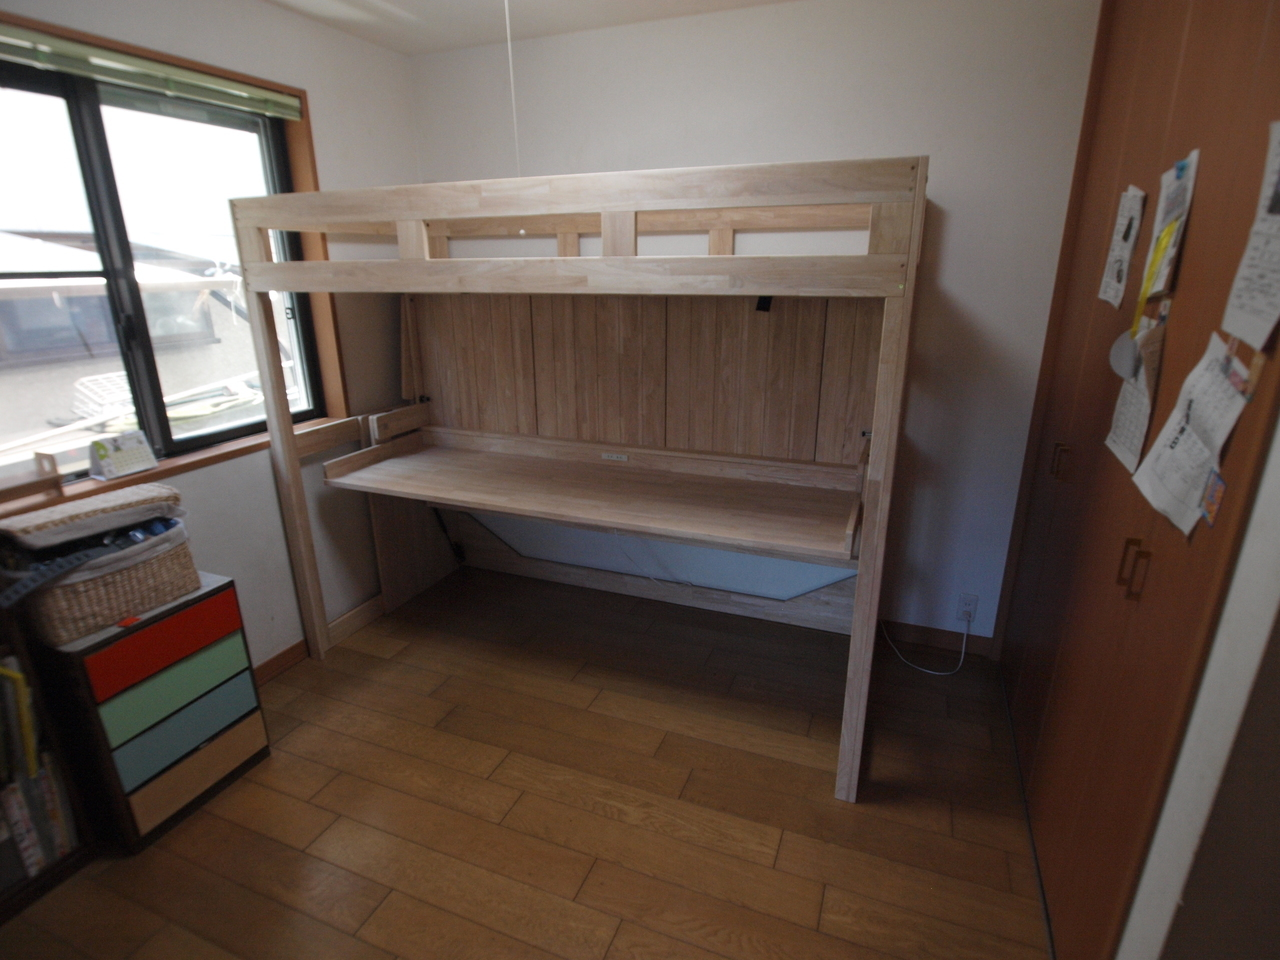 六畳に兄弟二人分の机とベッド?   【リノキッズ】二段ベッド・ロフト